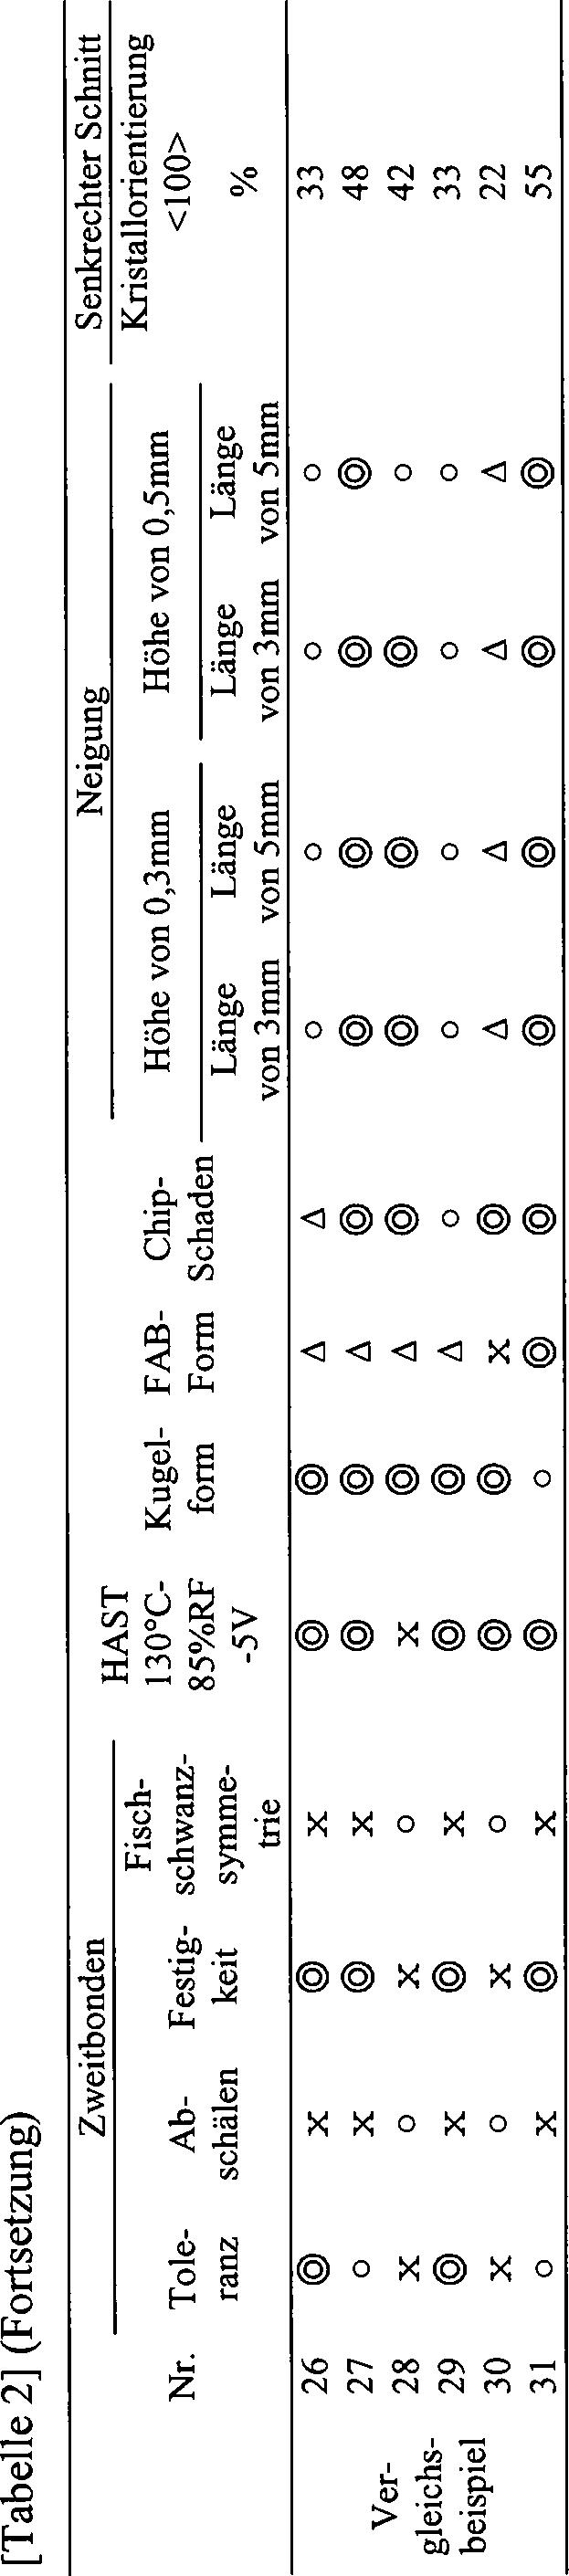 Figure DE112015005172T5_0004